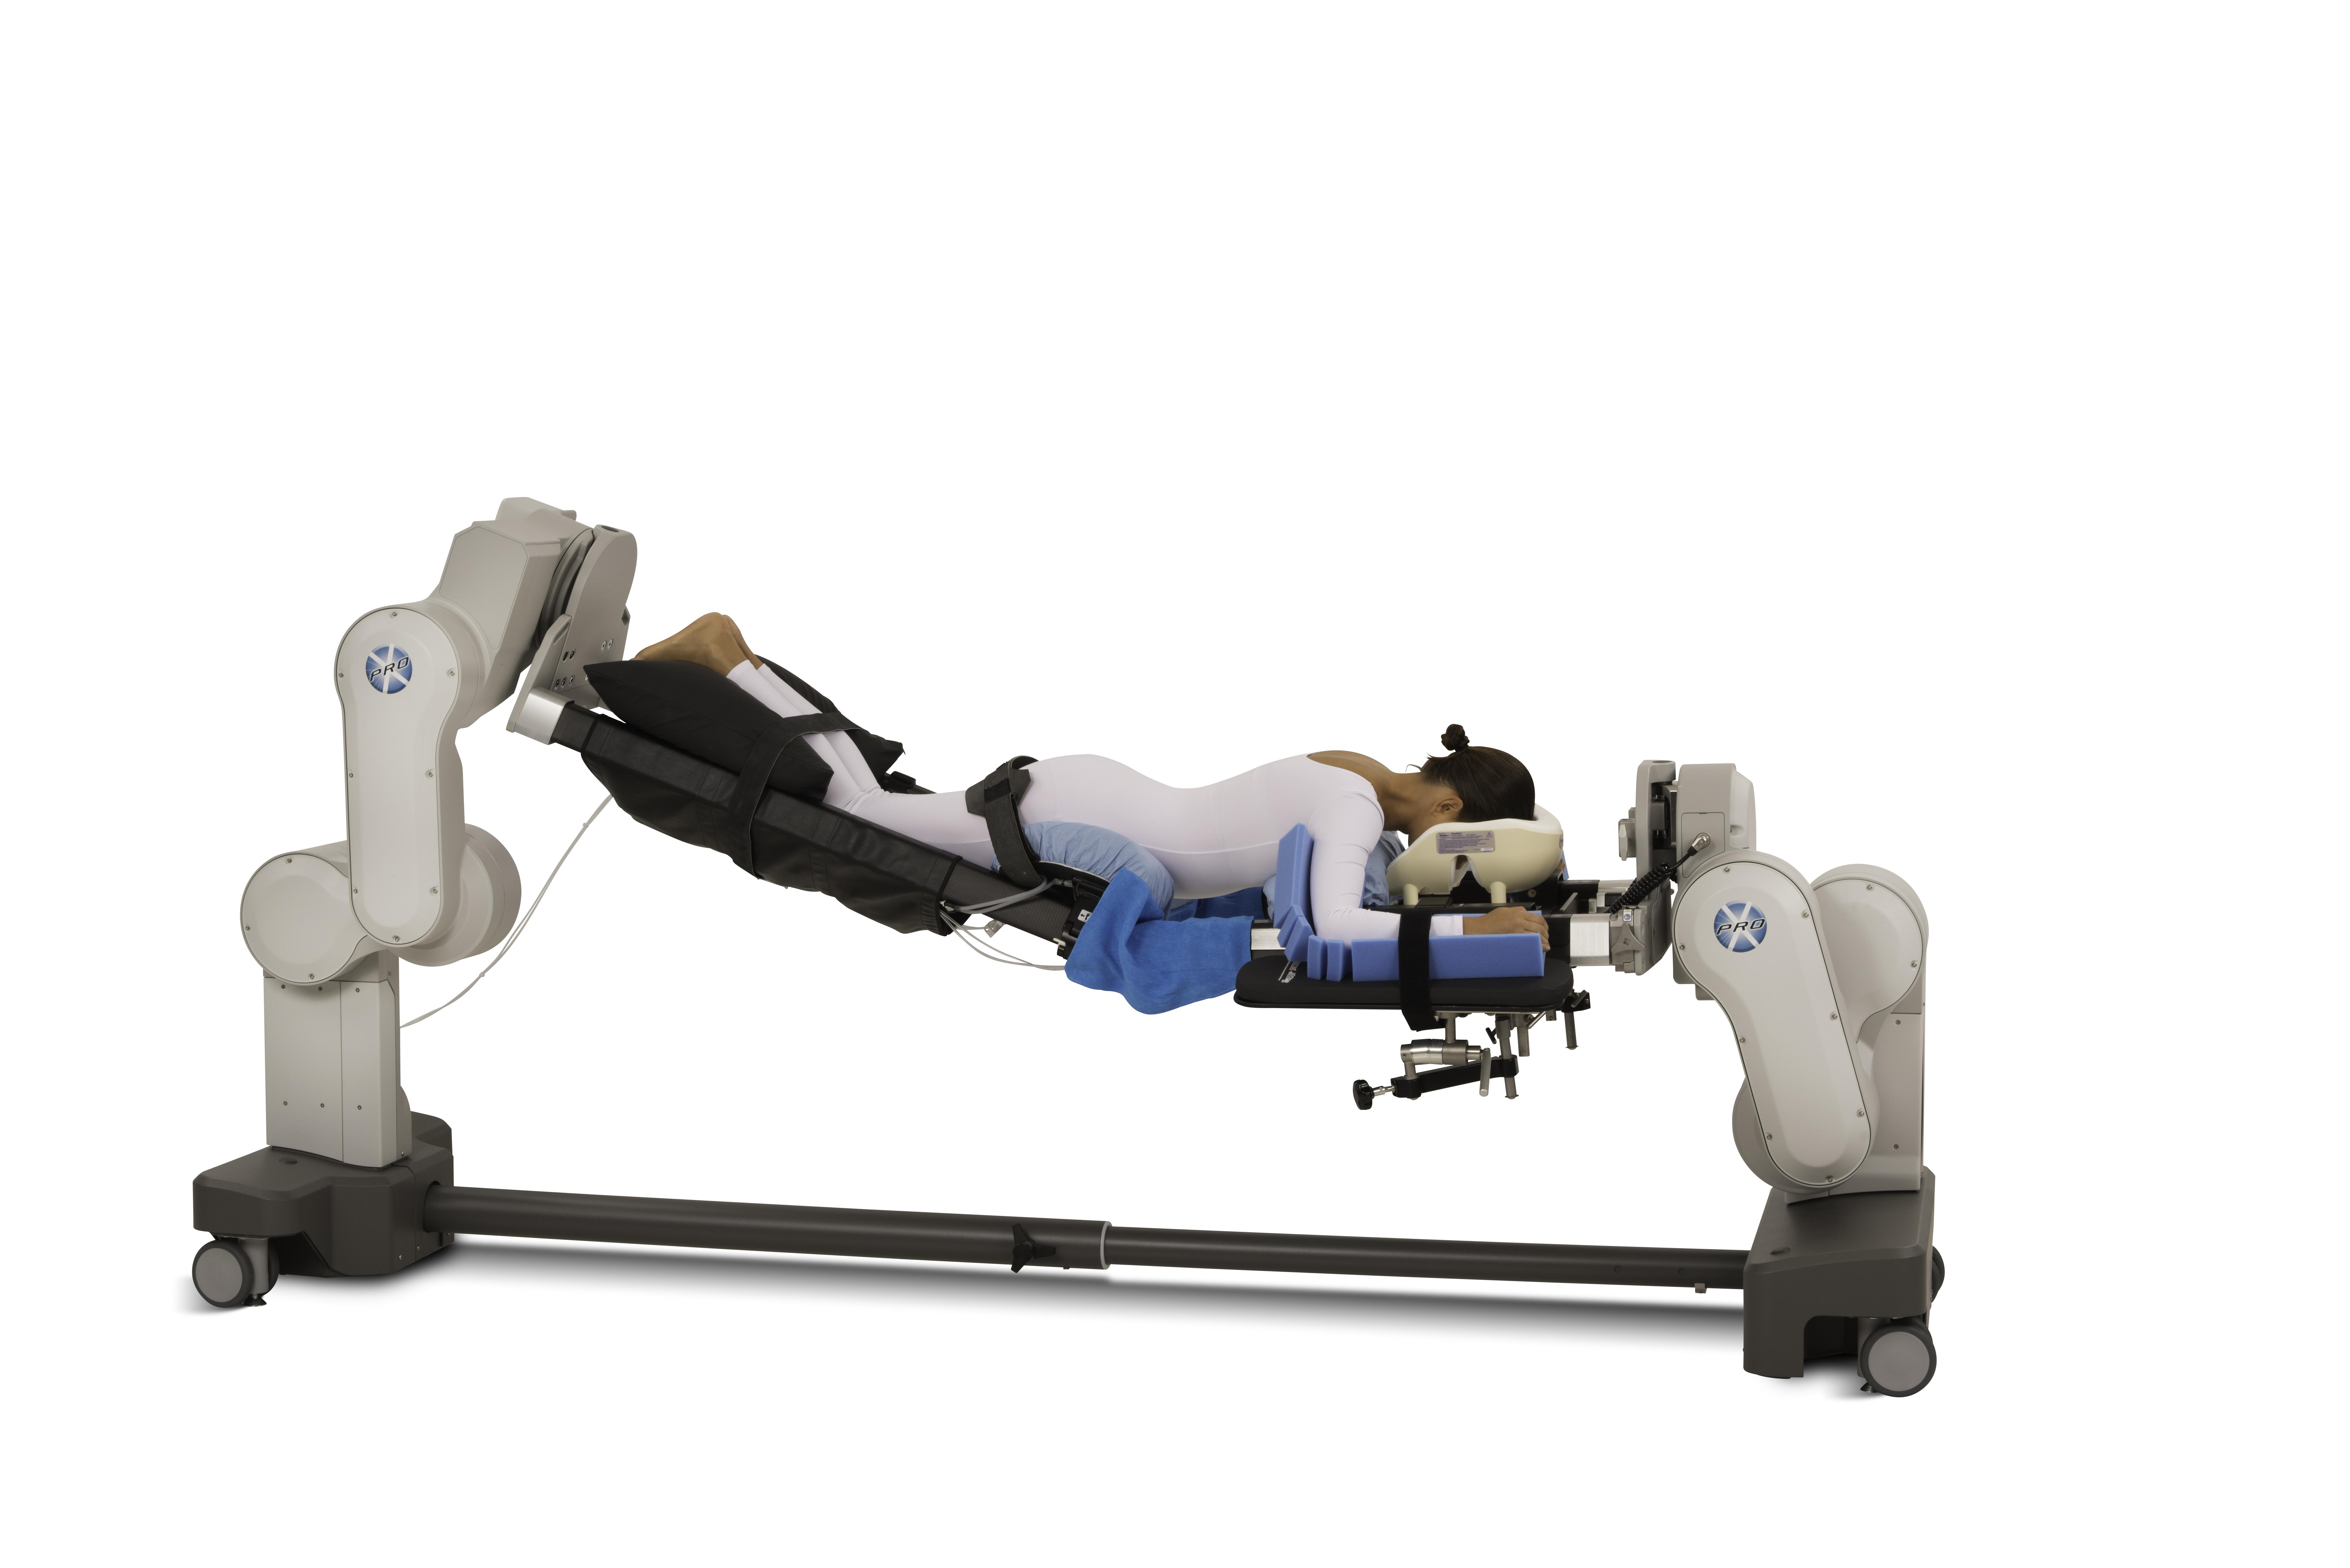 Proaxis 174 Spinal Surgery Table Mizuho Osimizuho Osi